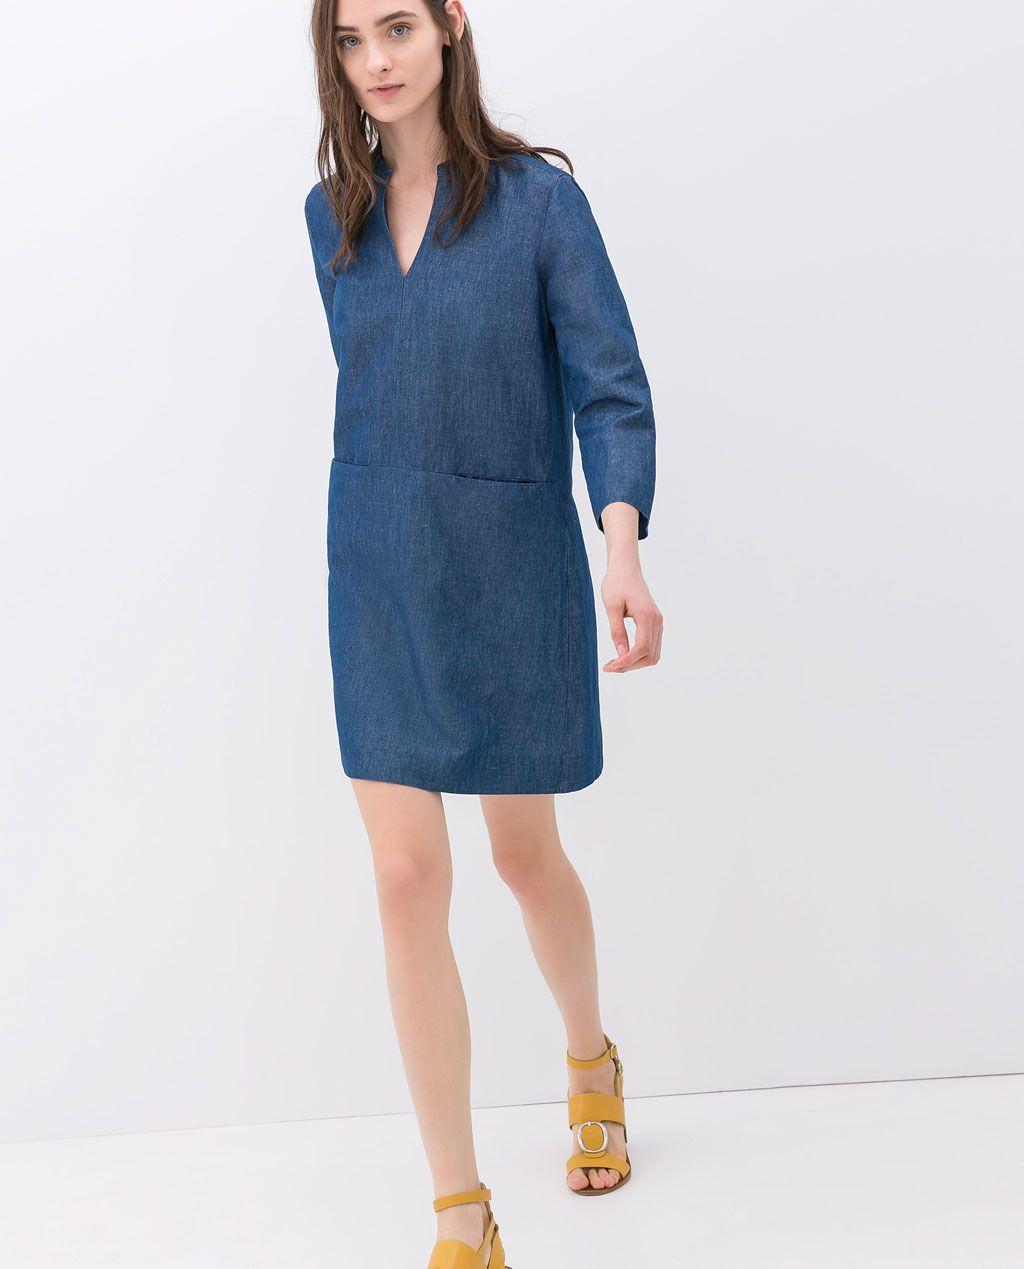 Zara mujer vestidos denim